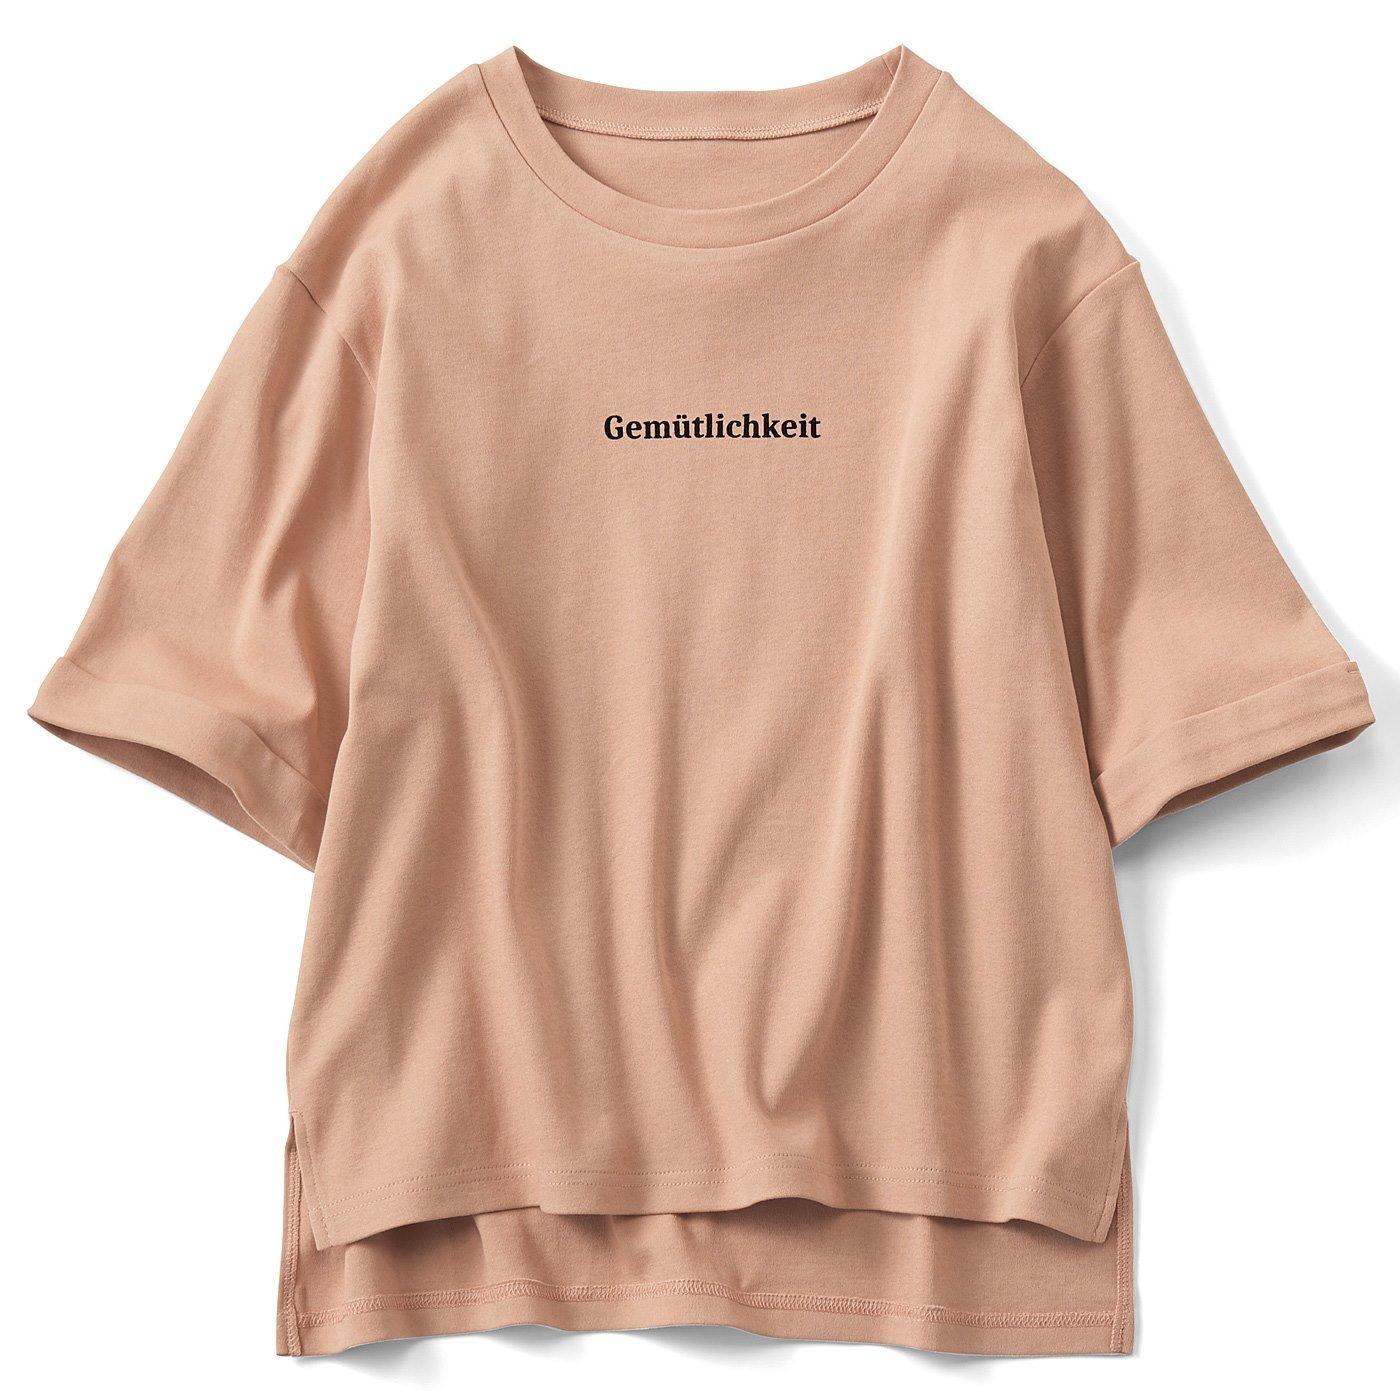 リブ イン コンフォート コットン100% さらっとした肌ざわりの五分袖ロゴTシャツの会